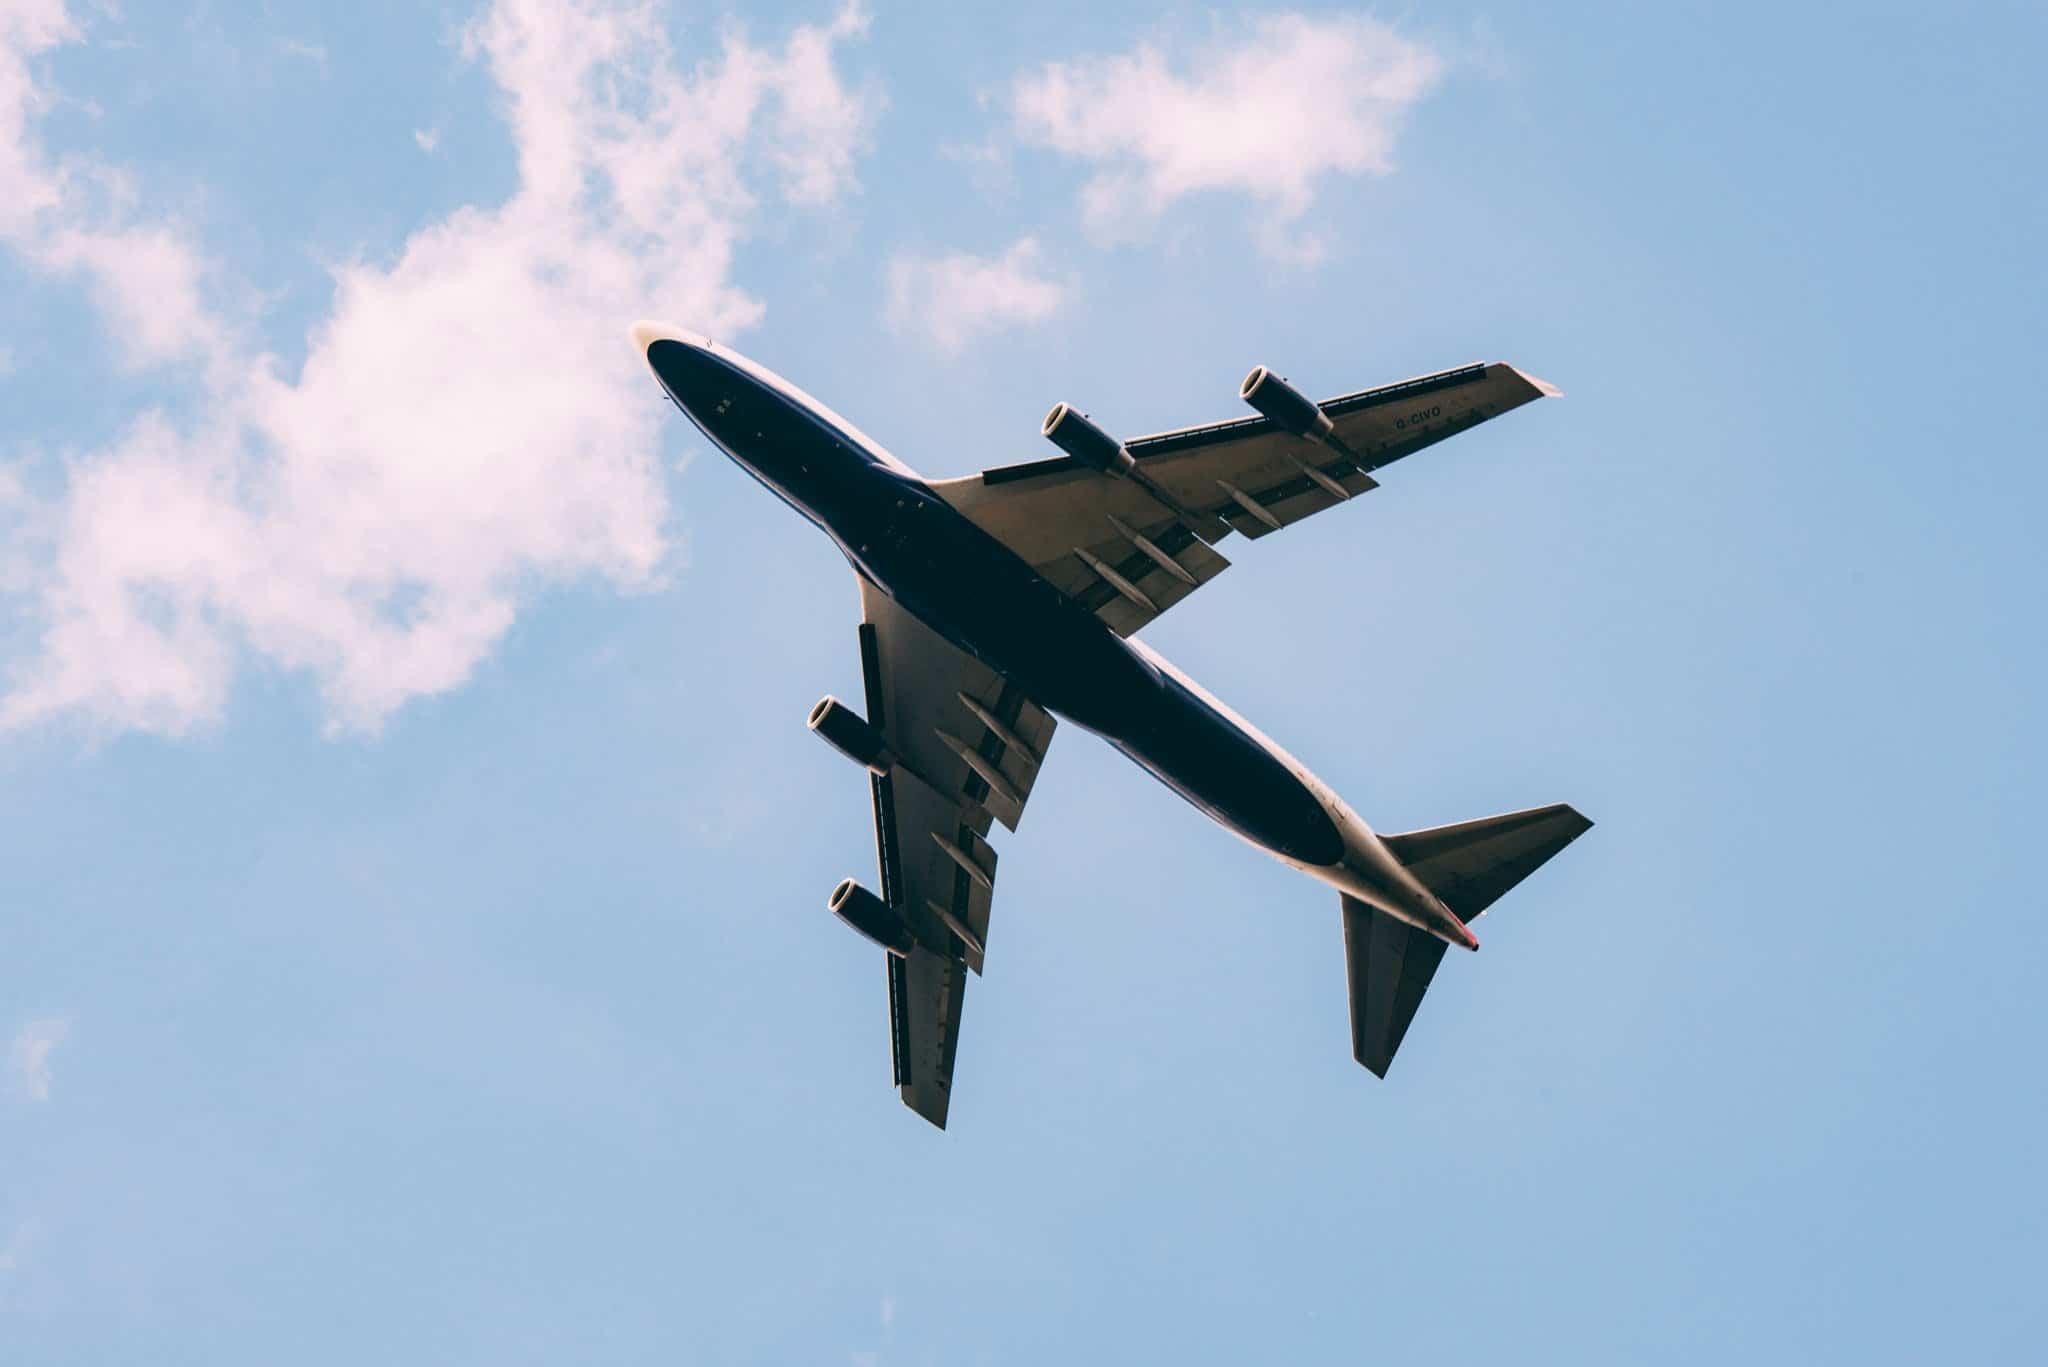 Flugzeug von unten in der Luft